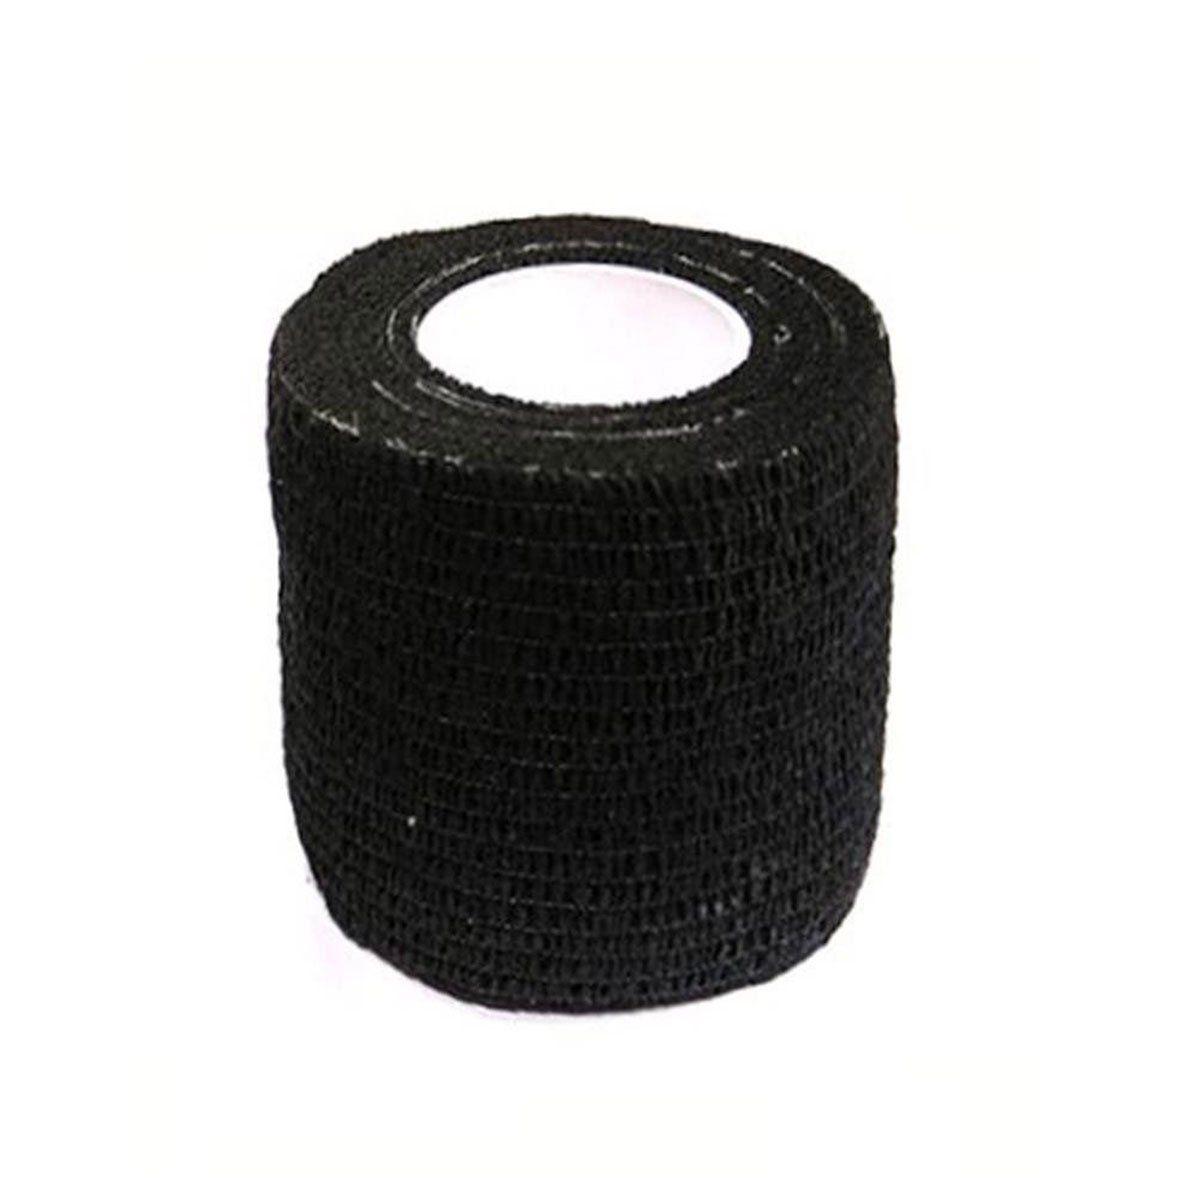 Camo Tape Fita para Camuflagem/ Protecao de dedo 5M Black